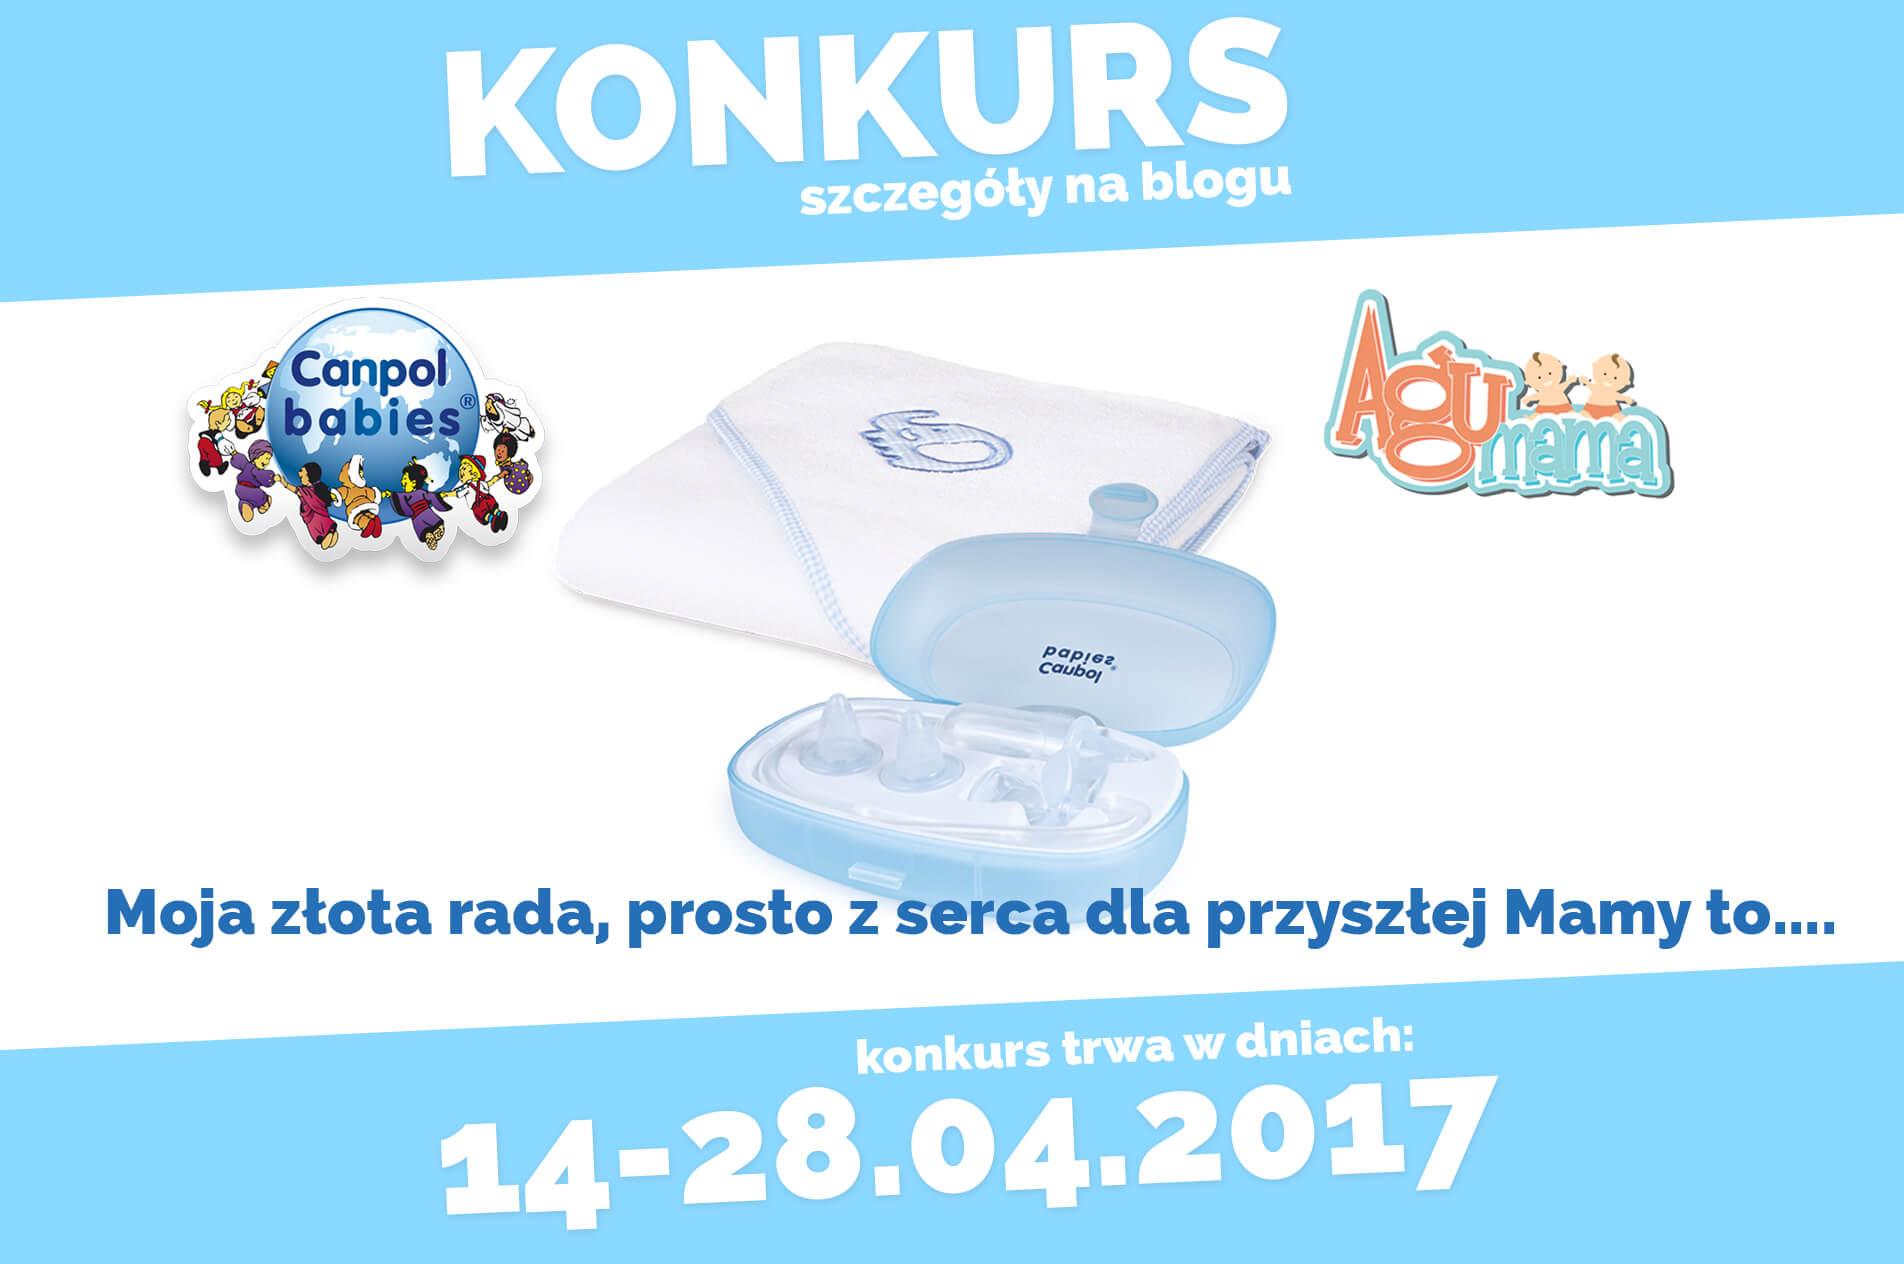 konkurs z Canpol Babies kwiecień